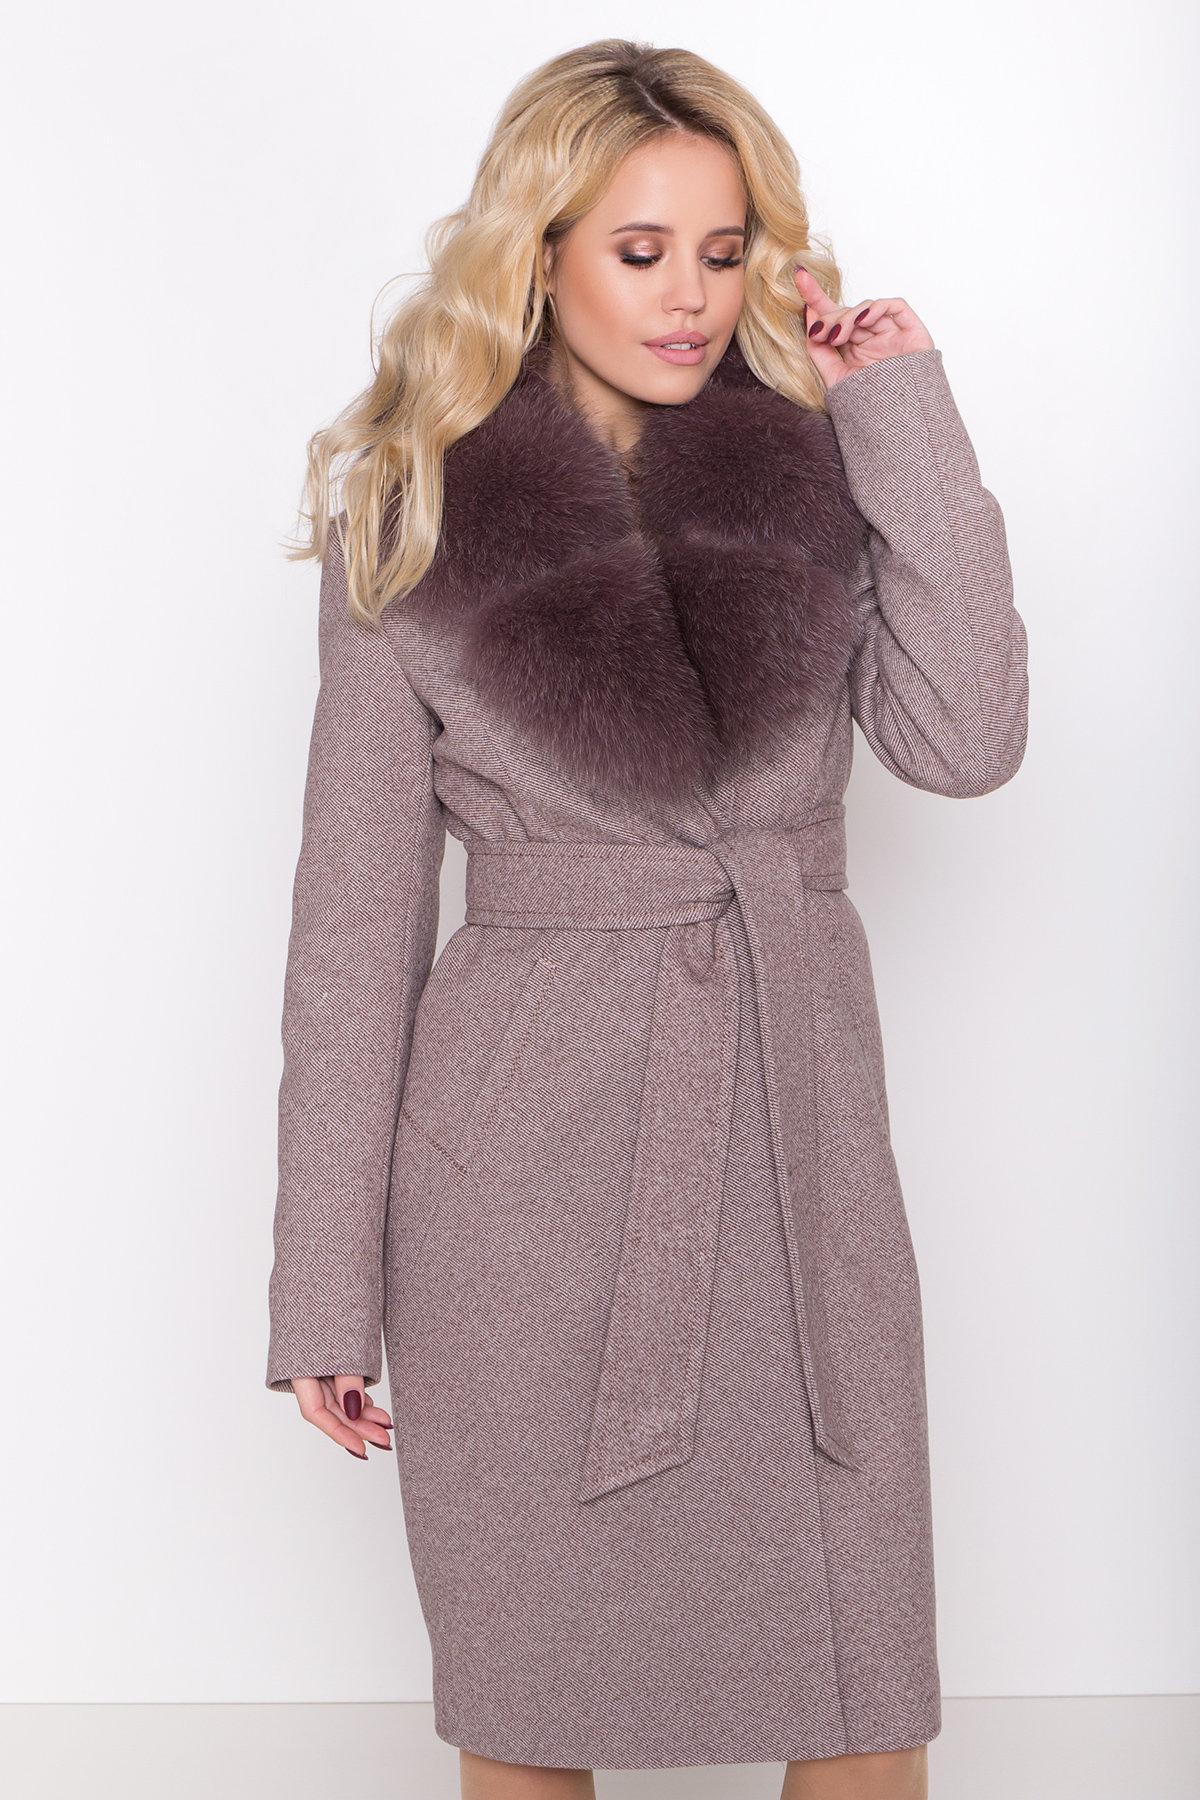 Зимнее пальто с роскошным воротником из песца Камила классик 8489 АРТ. 44779 Цвет: Шоколадный меланж - фото 5, интернет магазин tm-modus.ru